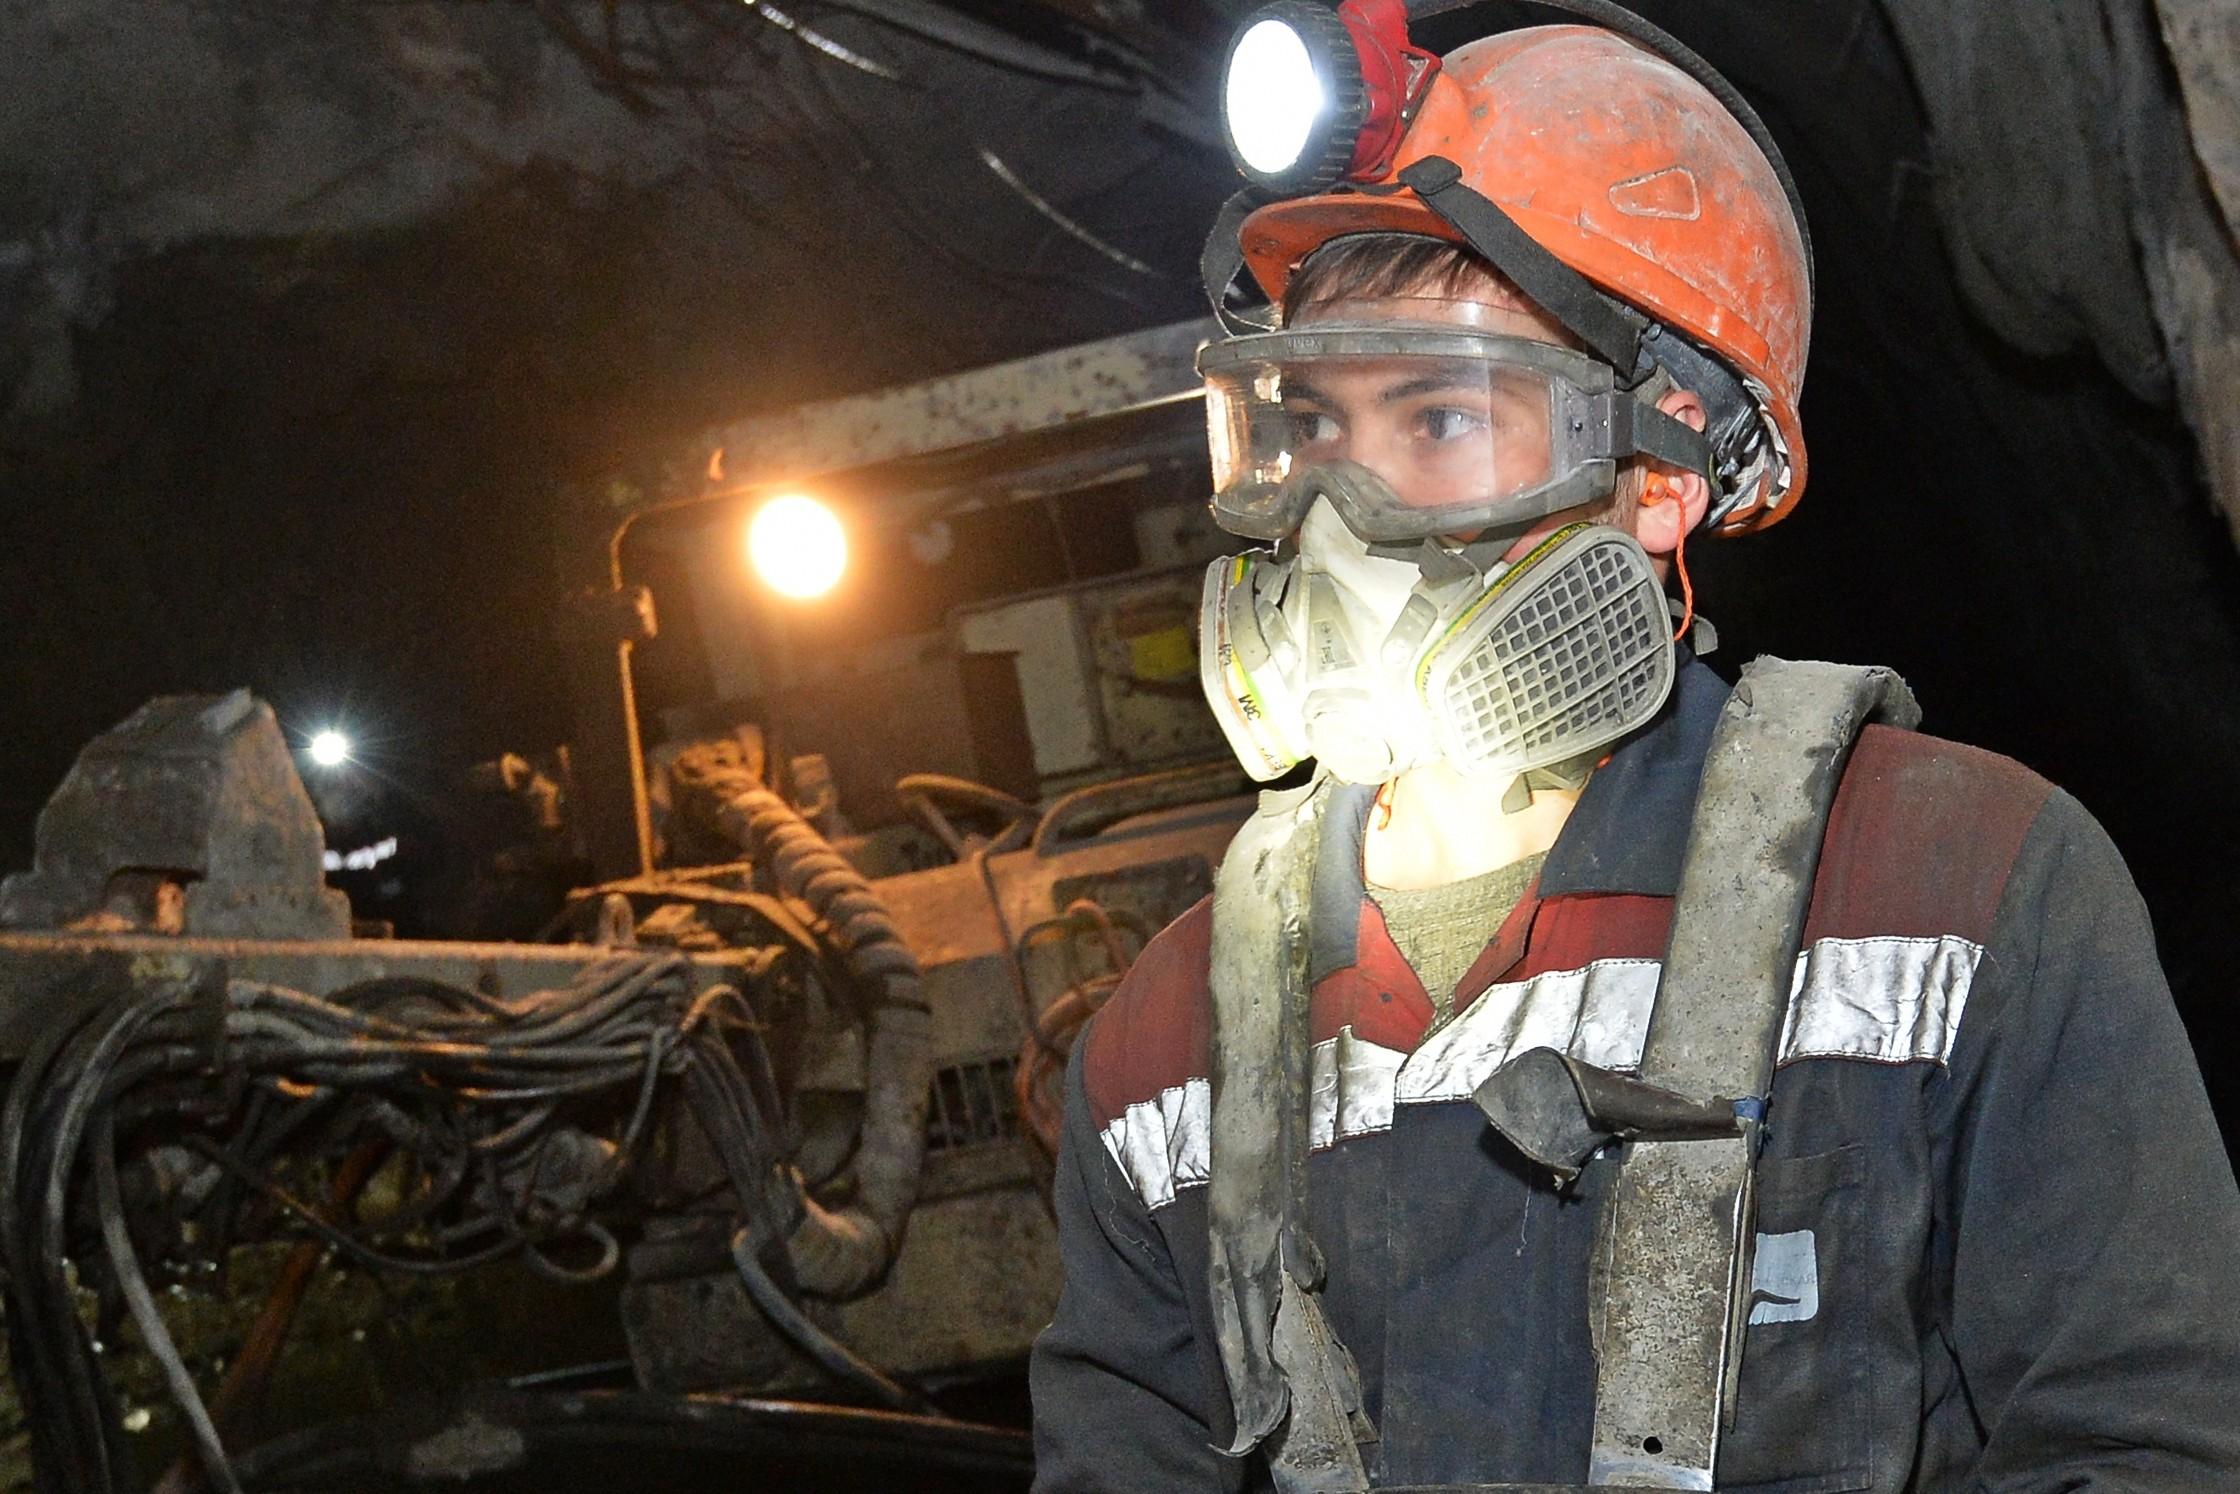 костюм пожары в шахтах картинки прилавке справа